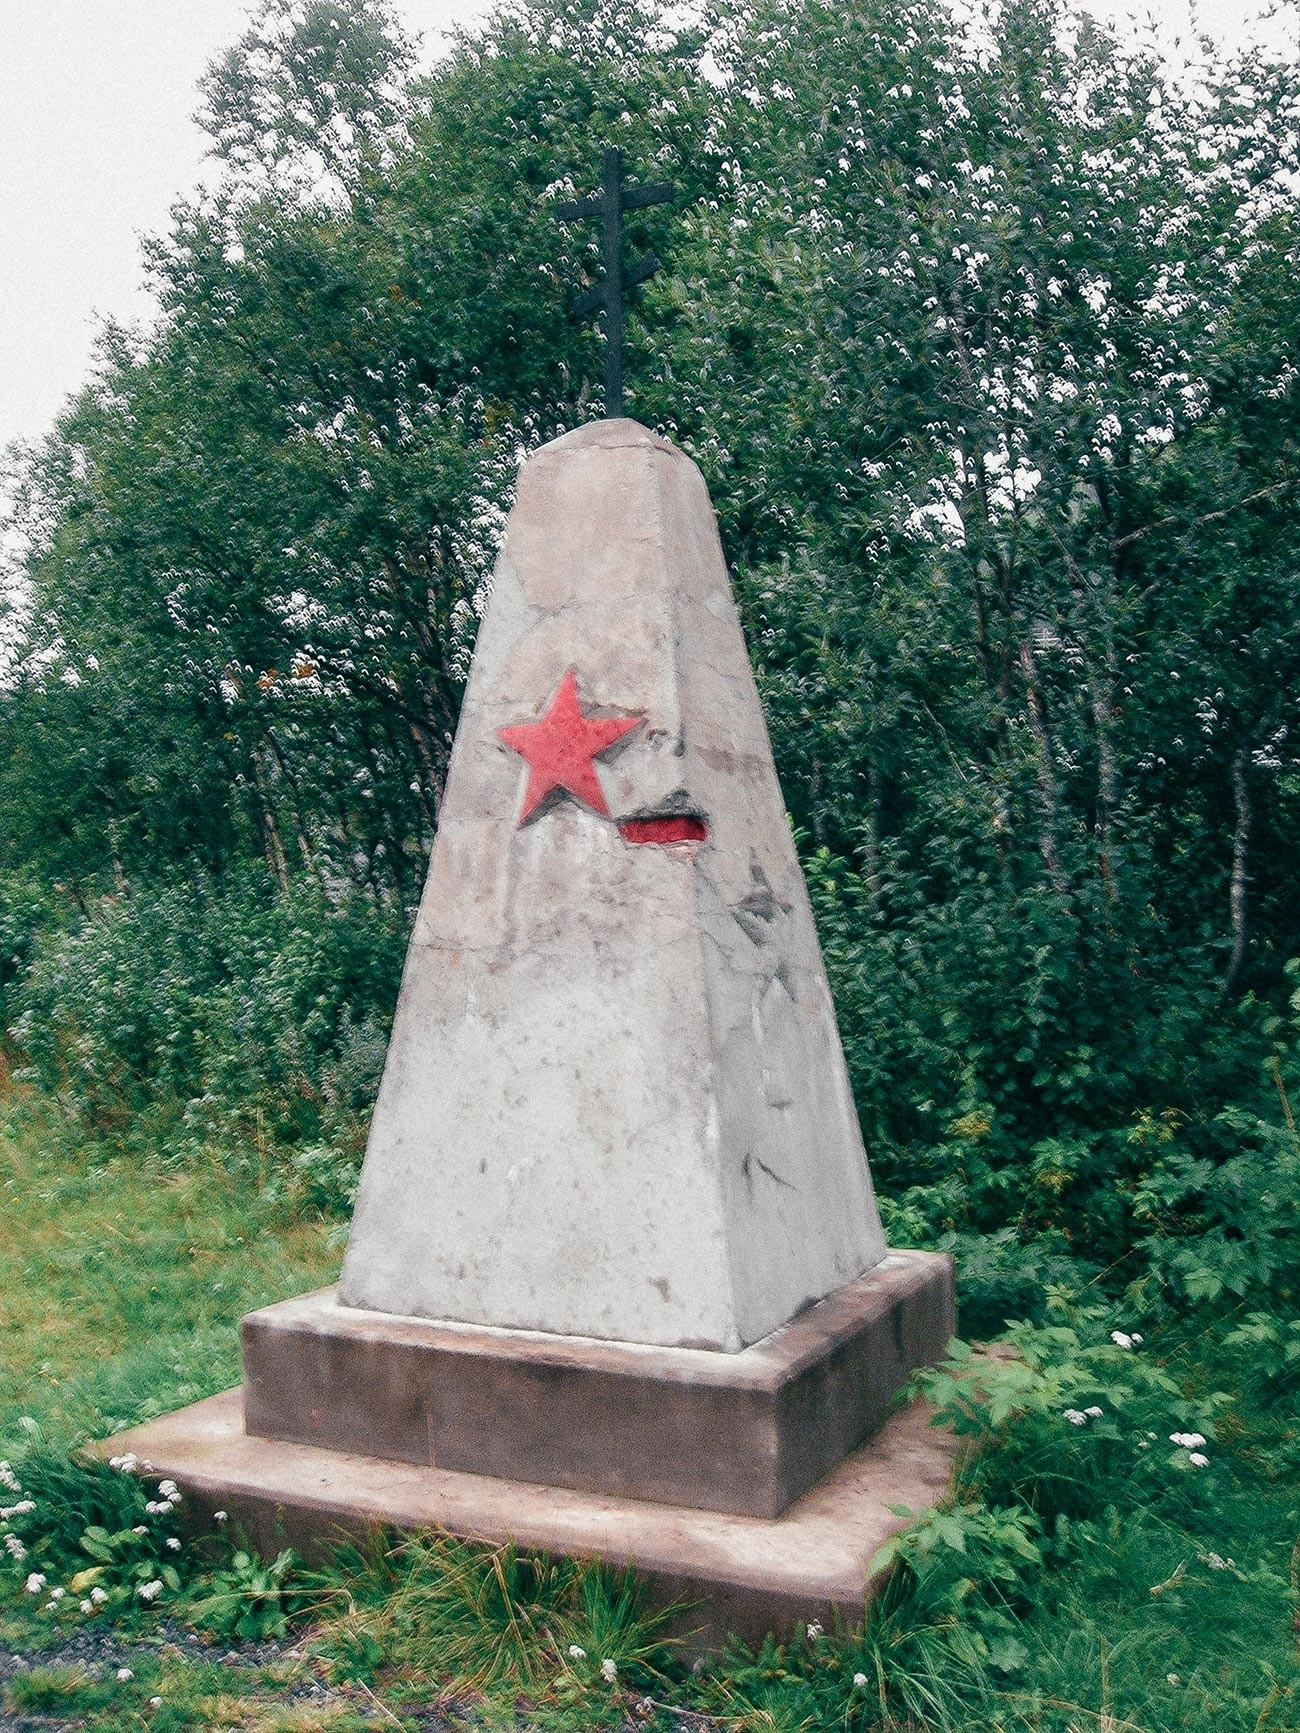 Памятник пяти тысячам советских военнопленных, погибших во время строительства железной дороги в Нордланде.